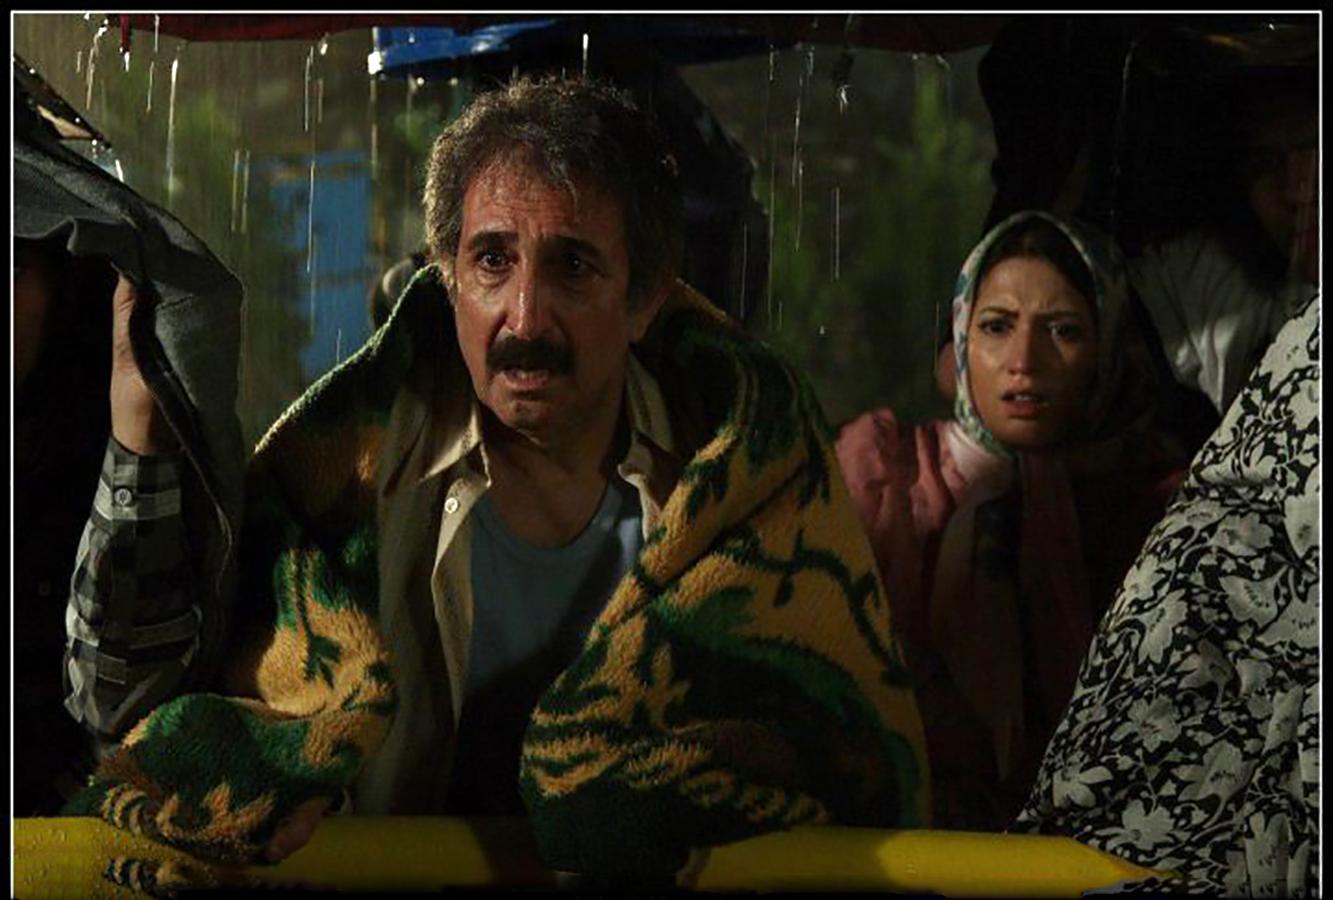 طناز طباطبایی و فرهاد آئیش در فیلم پریناز